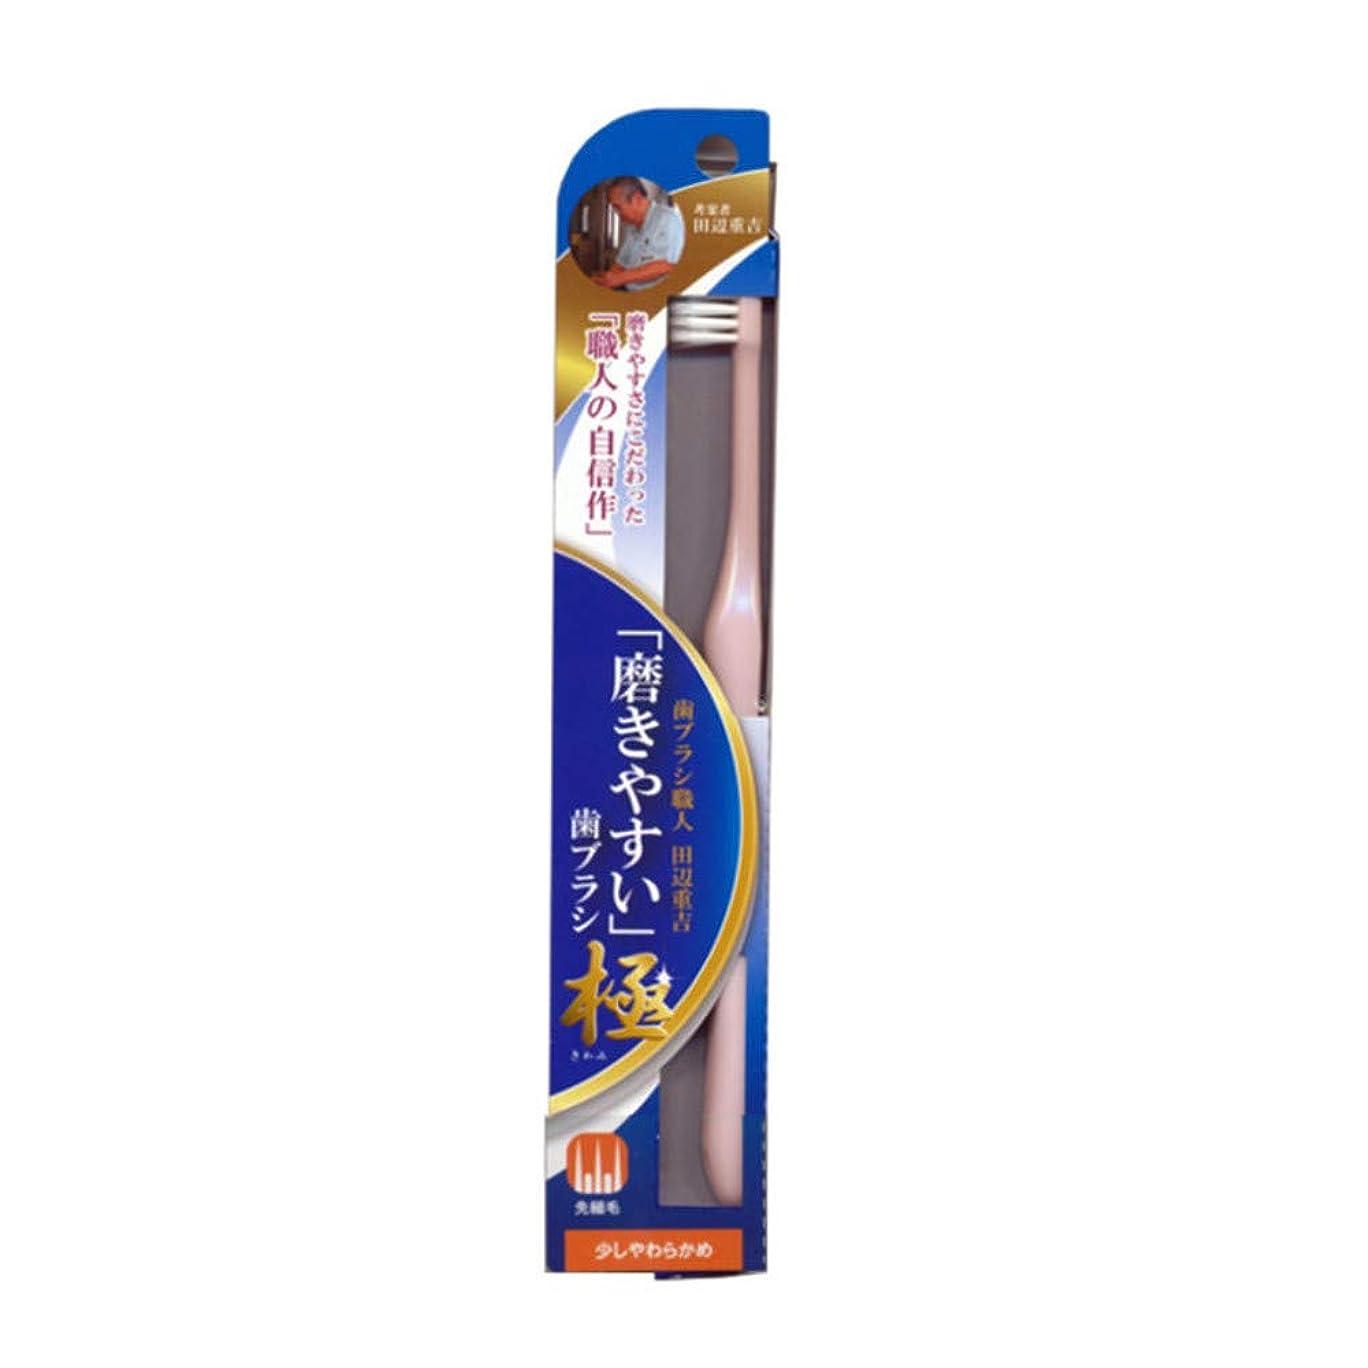 鋸歯状信頼性言うまでもなく磨きやすい歯ブラシ極 (少し柔らかめ) LT-43 先細毛(色選択不可)